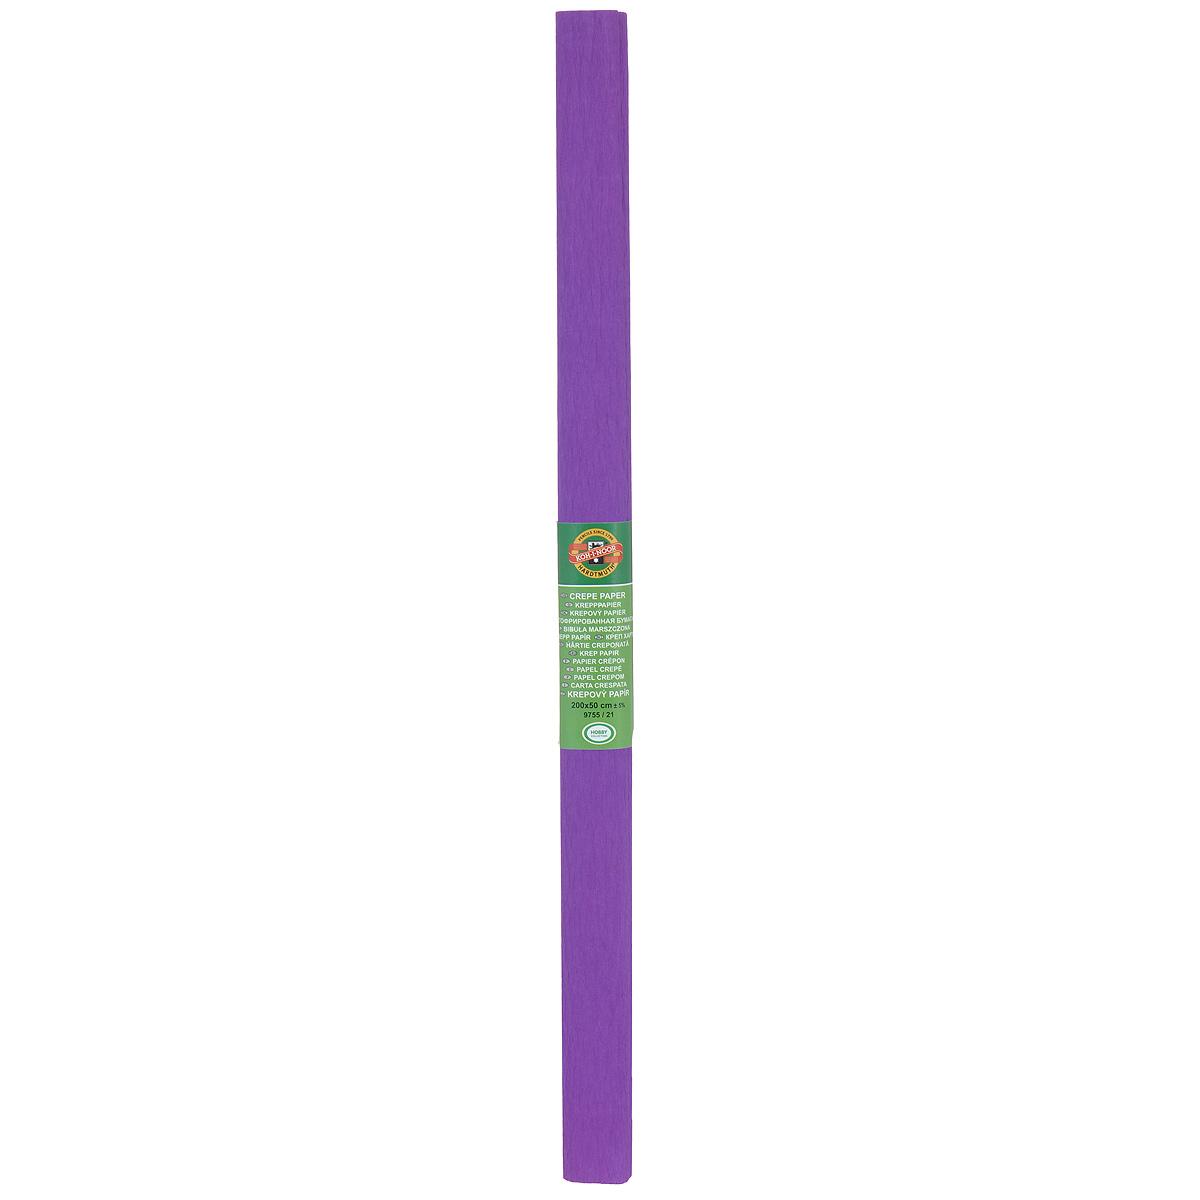 """Бумага гофрированная """"Koh-I-Noor"""", цвет: фиолетовый, 50 см x 2 м"""